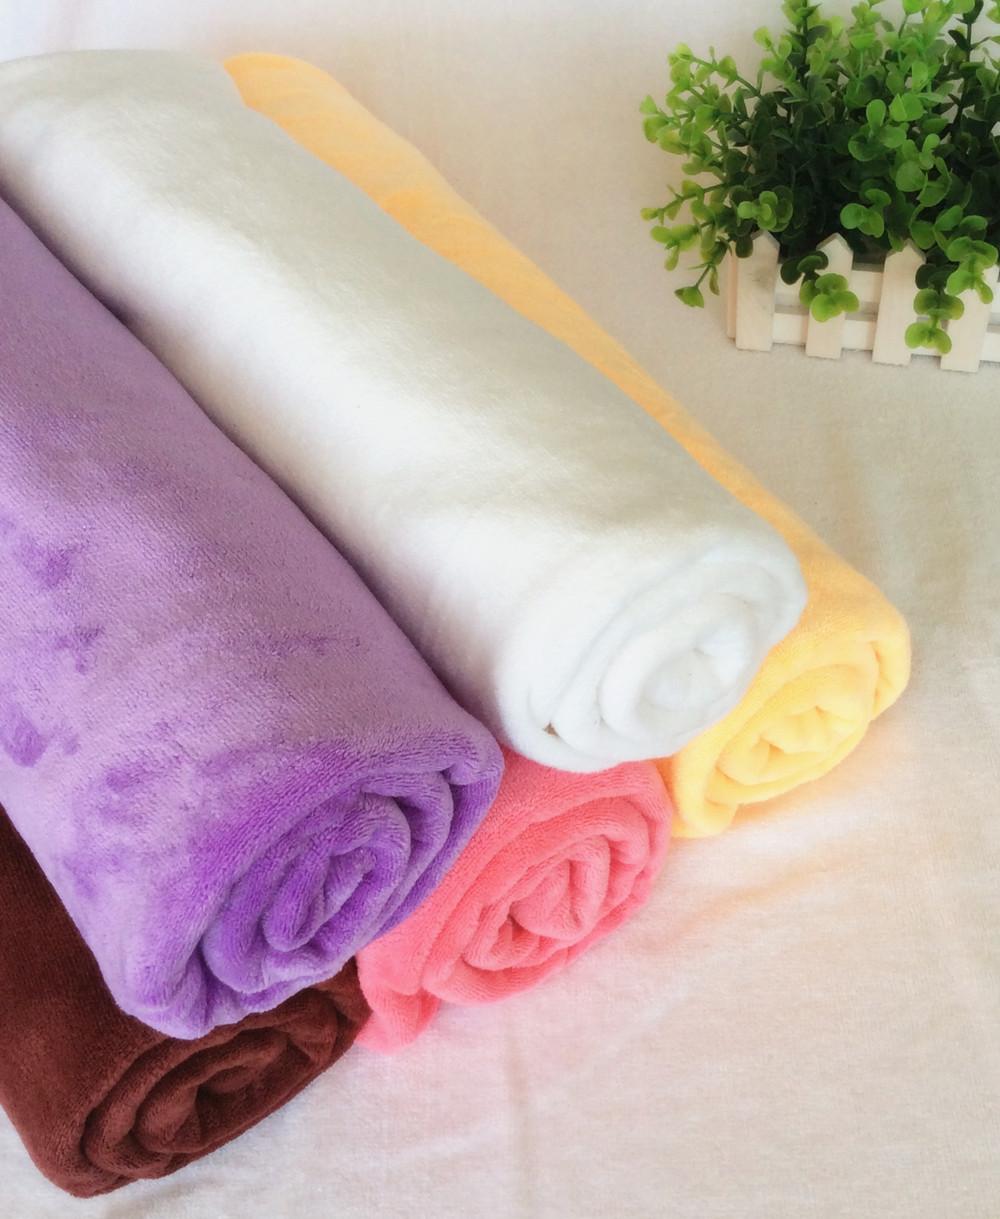 multi-purpose quick-dry microfiber tea towel